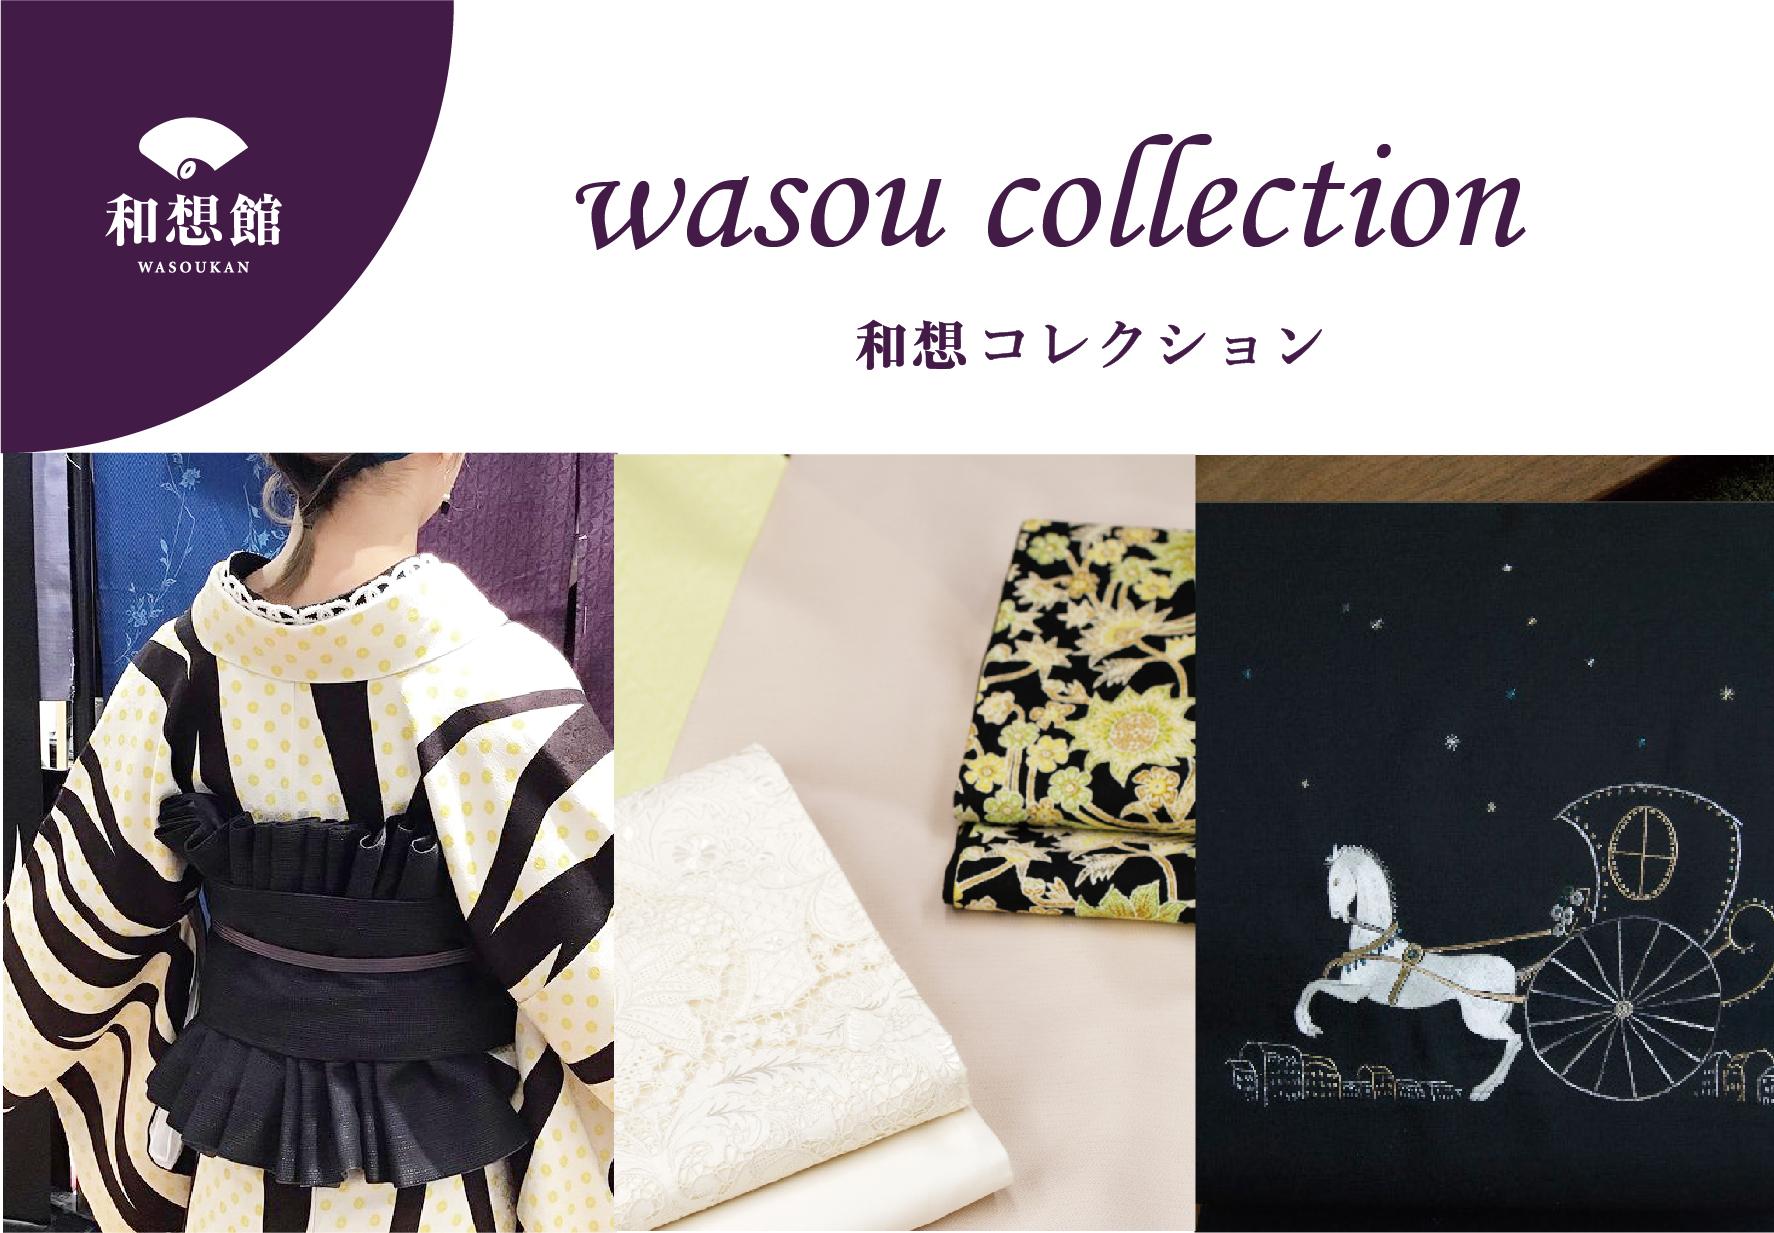 【徳山店】5月展示 和想コレクション